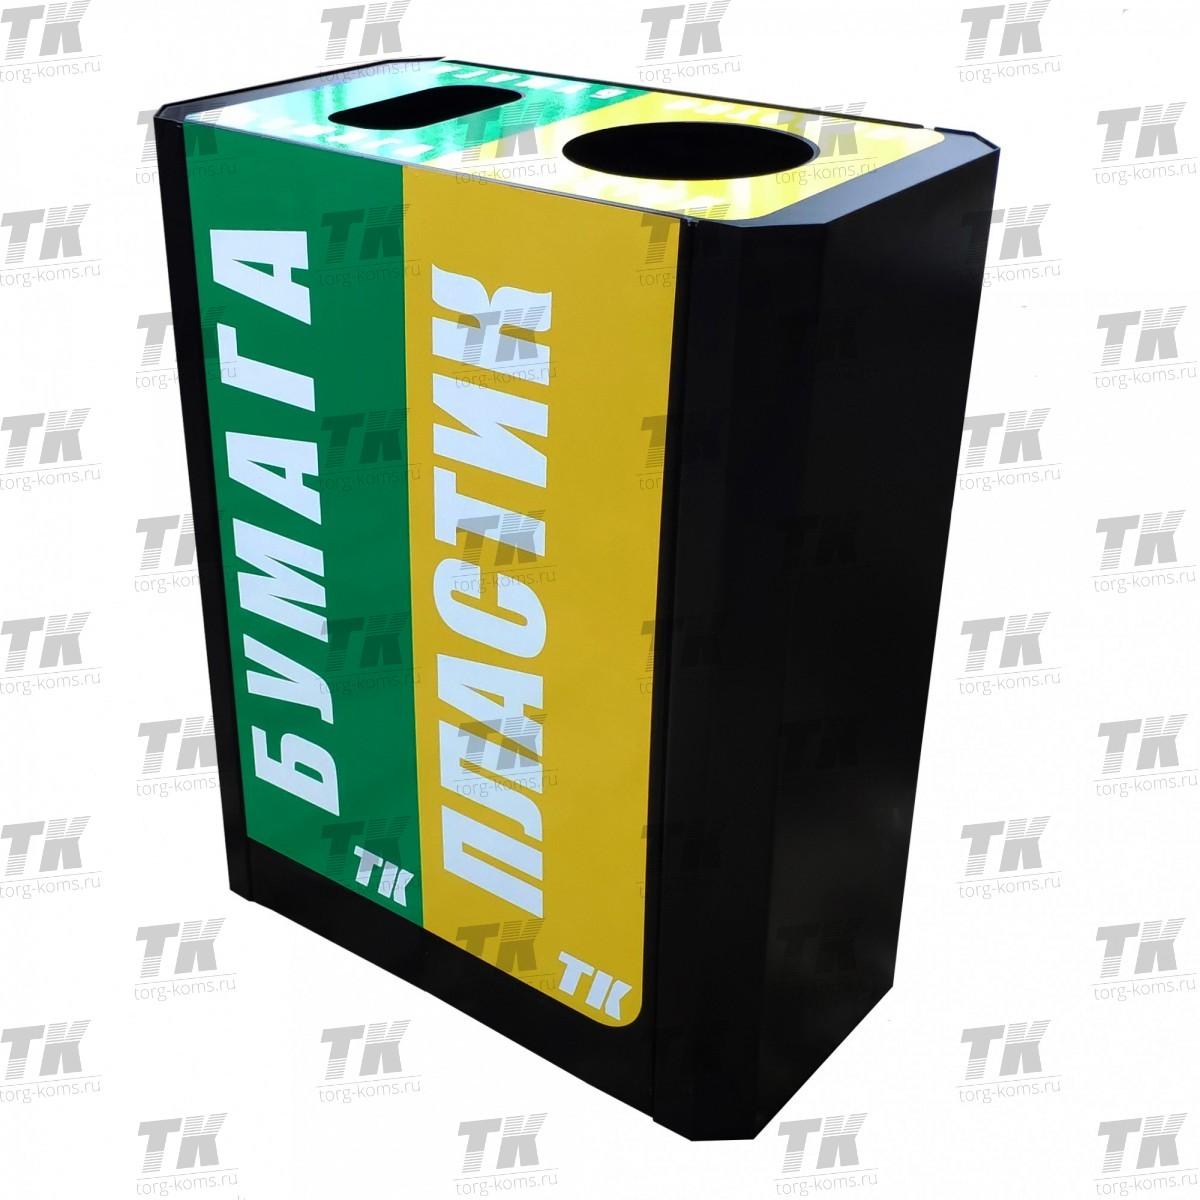 Урна для раздельного сбора мусора 2 секции (бумага, пластик)